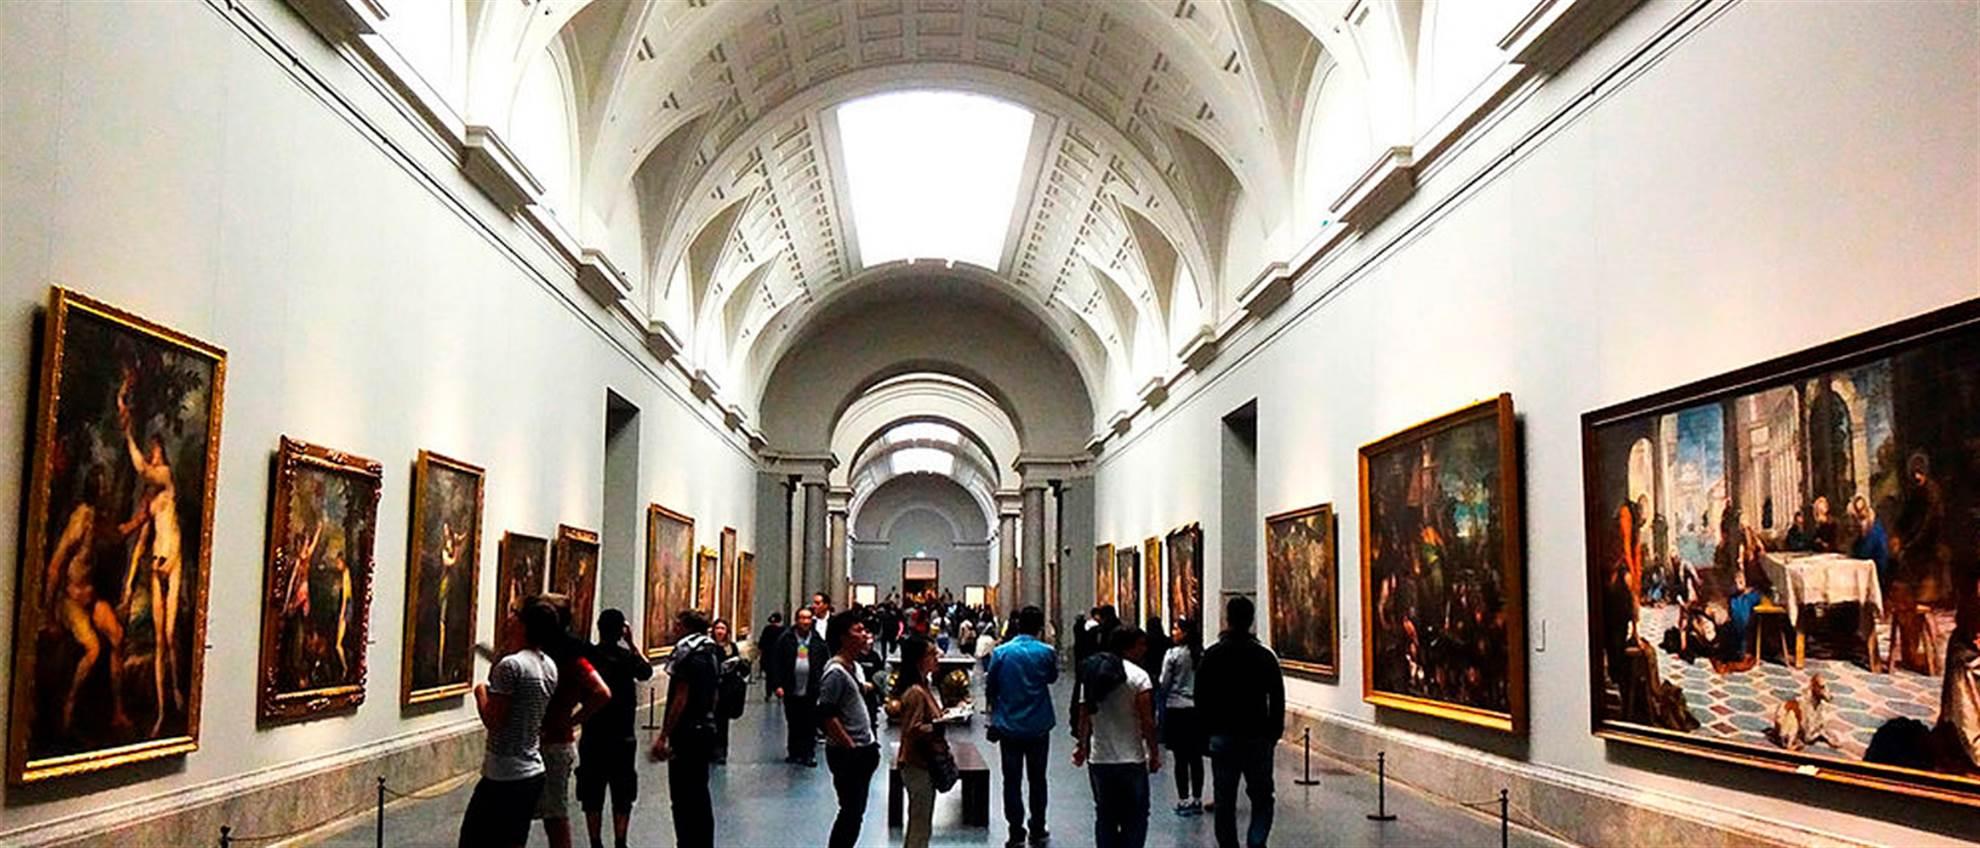 Prado Museum Skip the line!